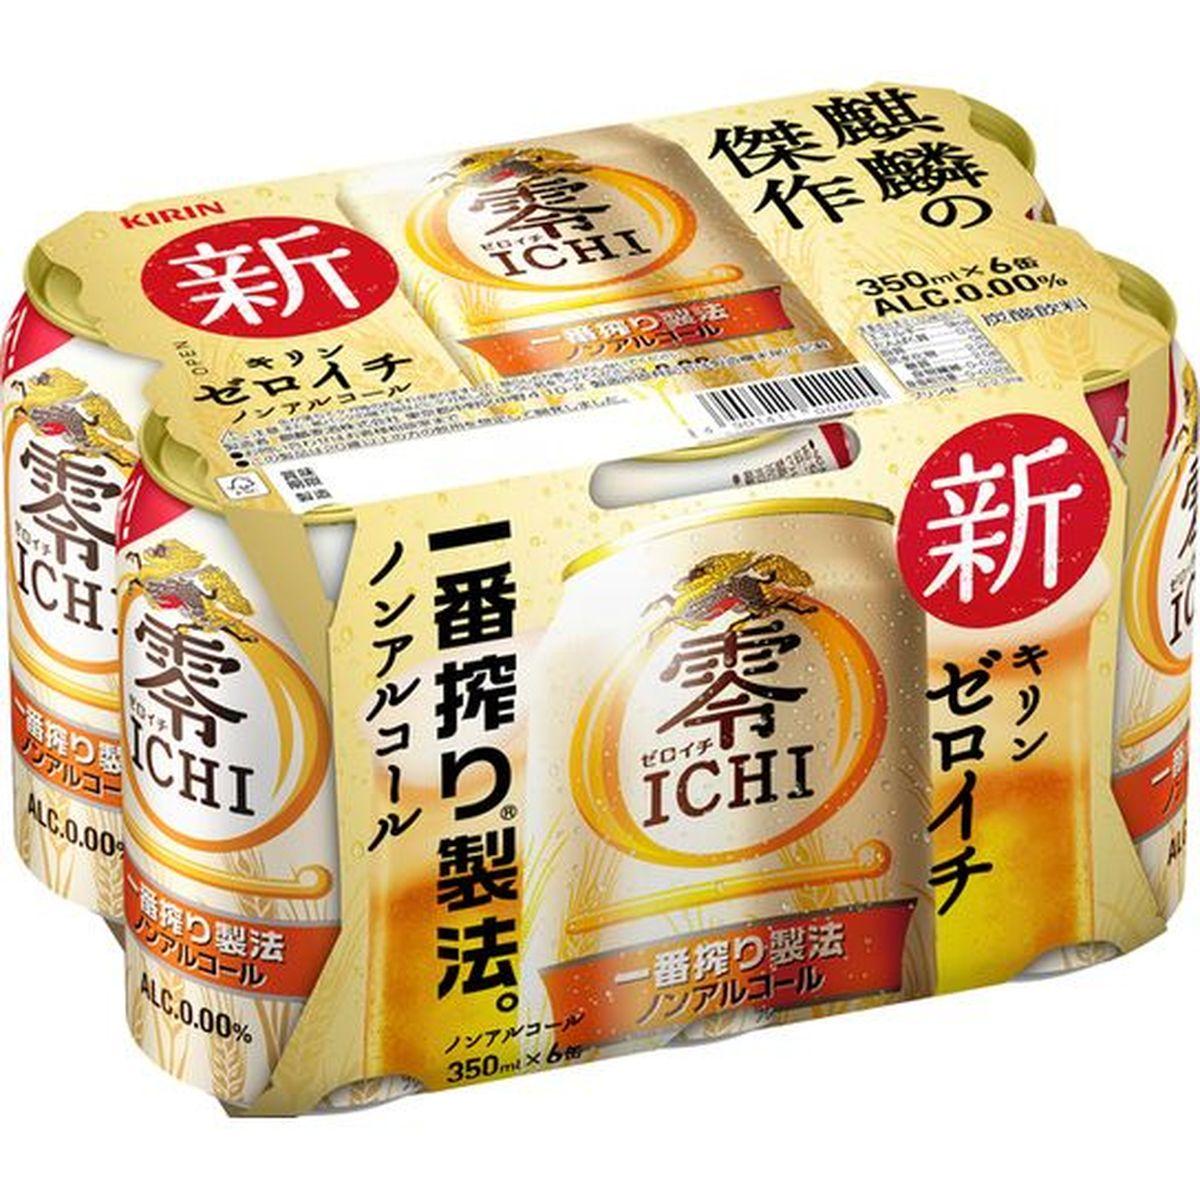 【4個入り】キリン 零ICHI 6缶パック 350